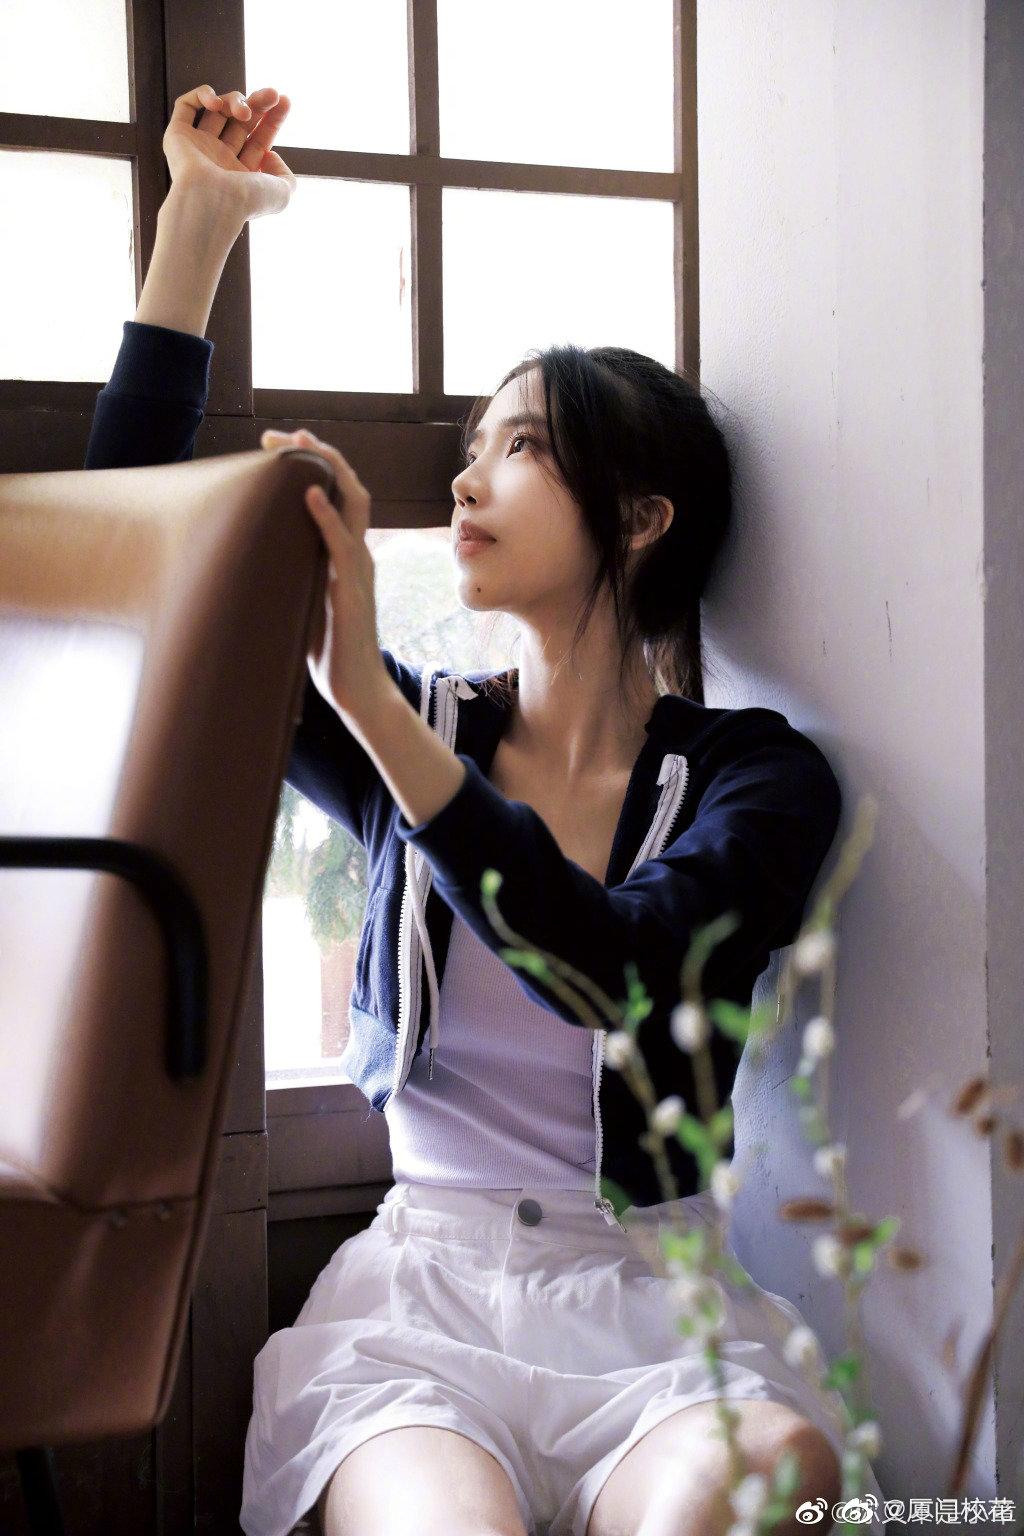 她叫章梓馨,播音专业在读,00年,身高168cm,很有气质的女生